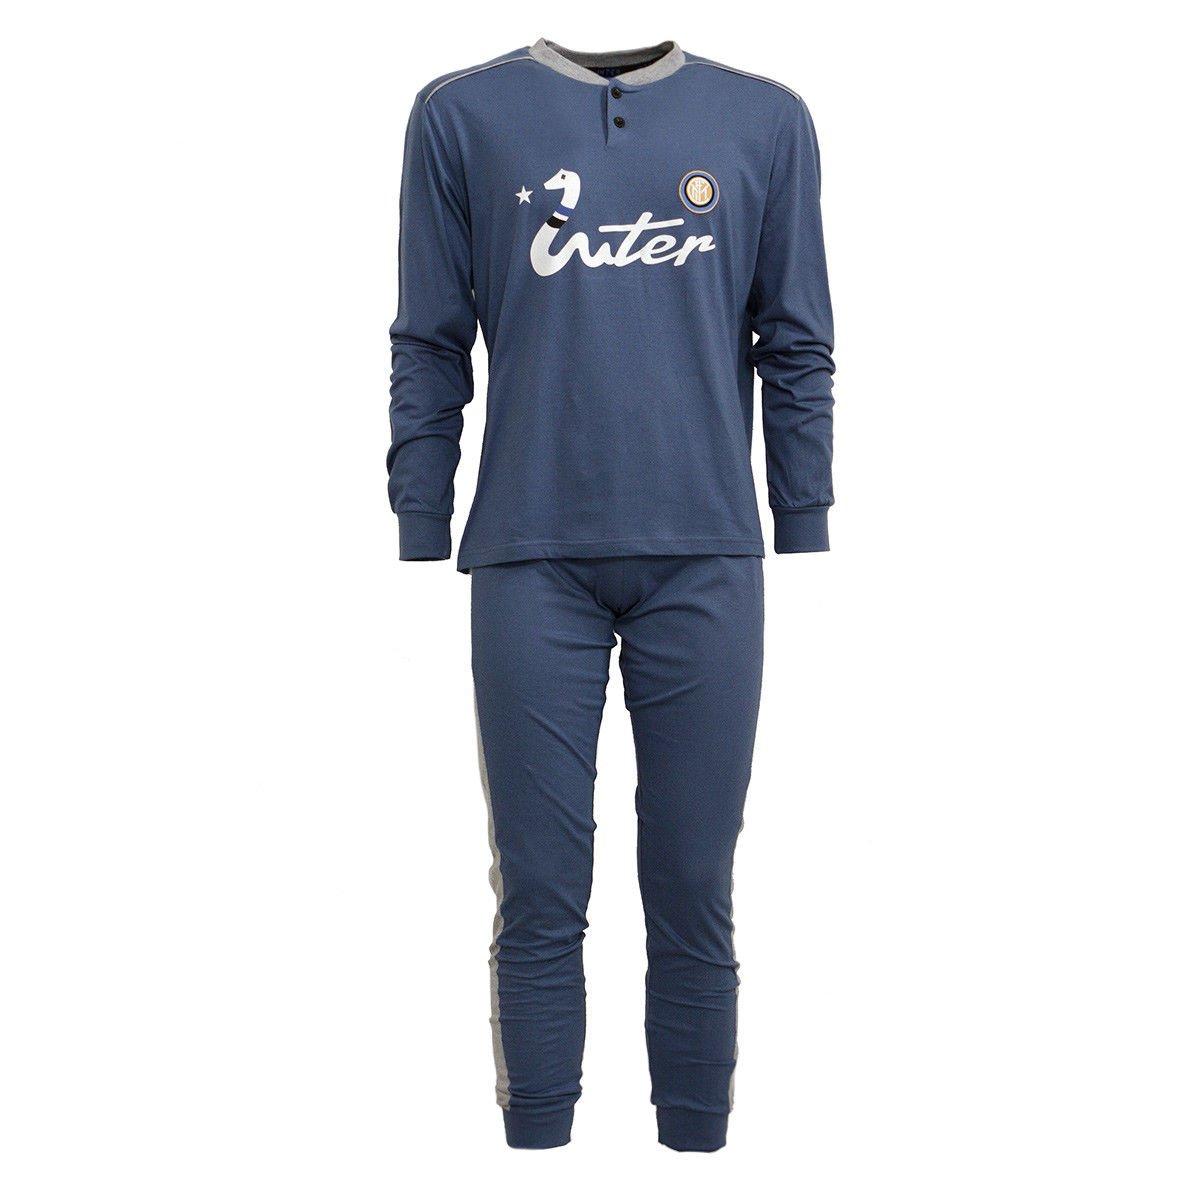 Boxer Black Man Adult XXL XL L M S Official Juventus Juve Underwear 11050june